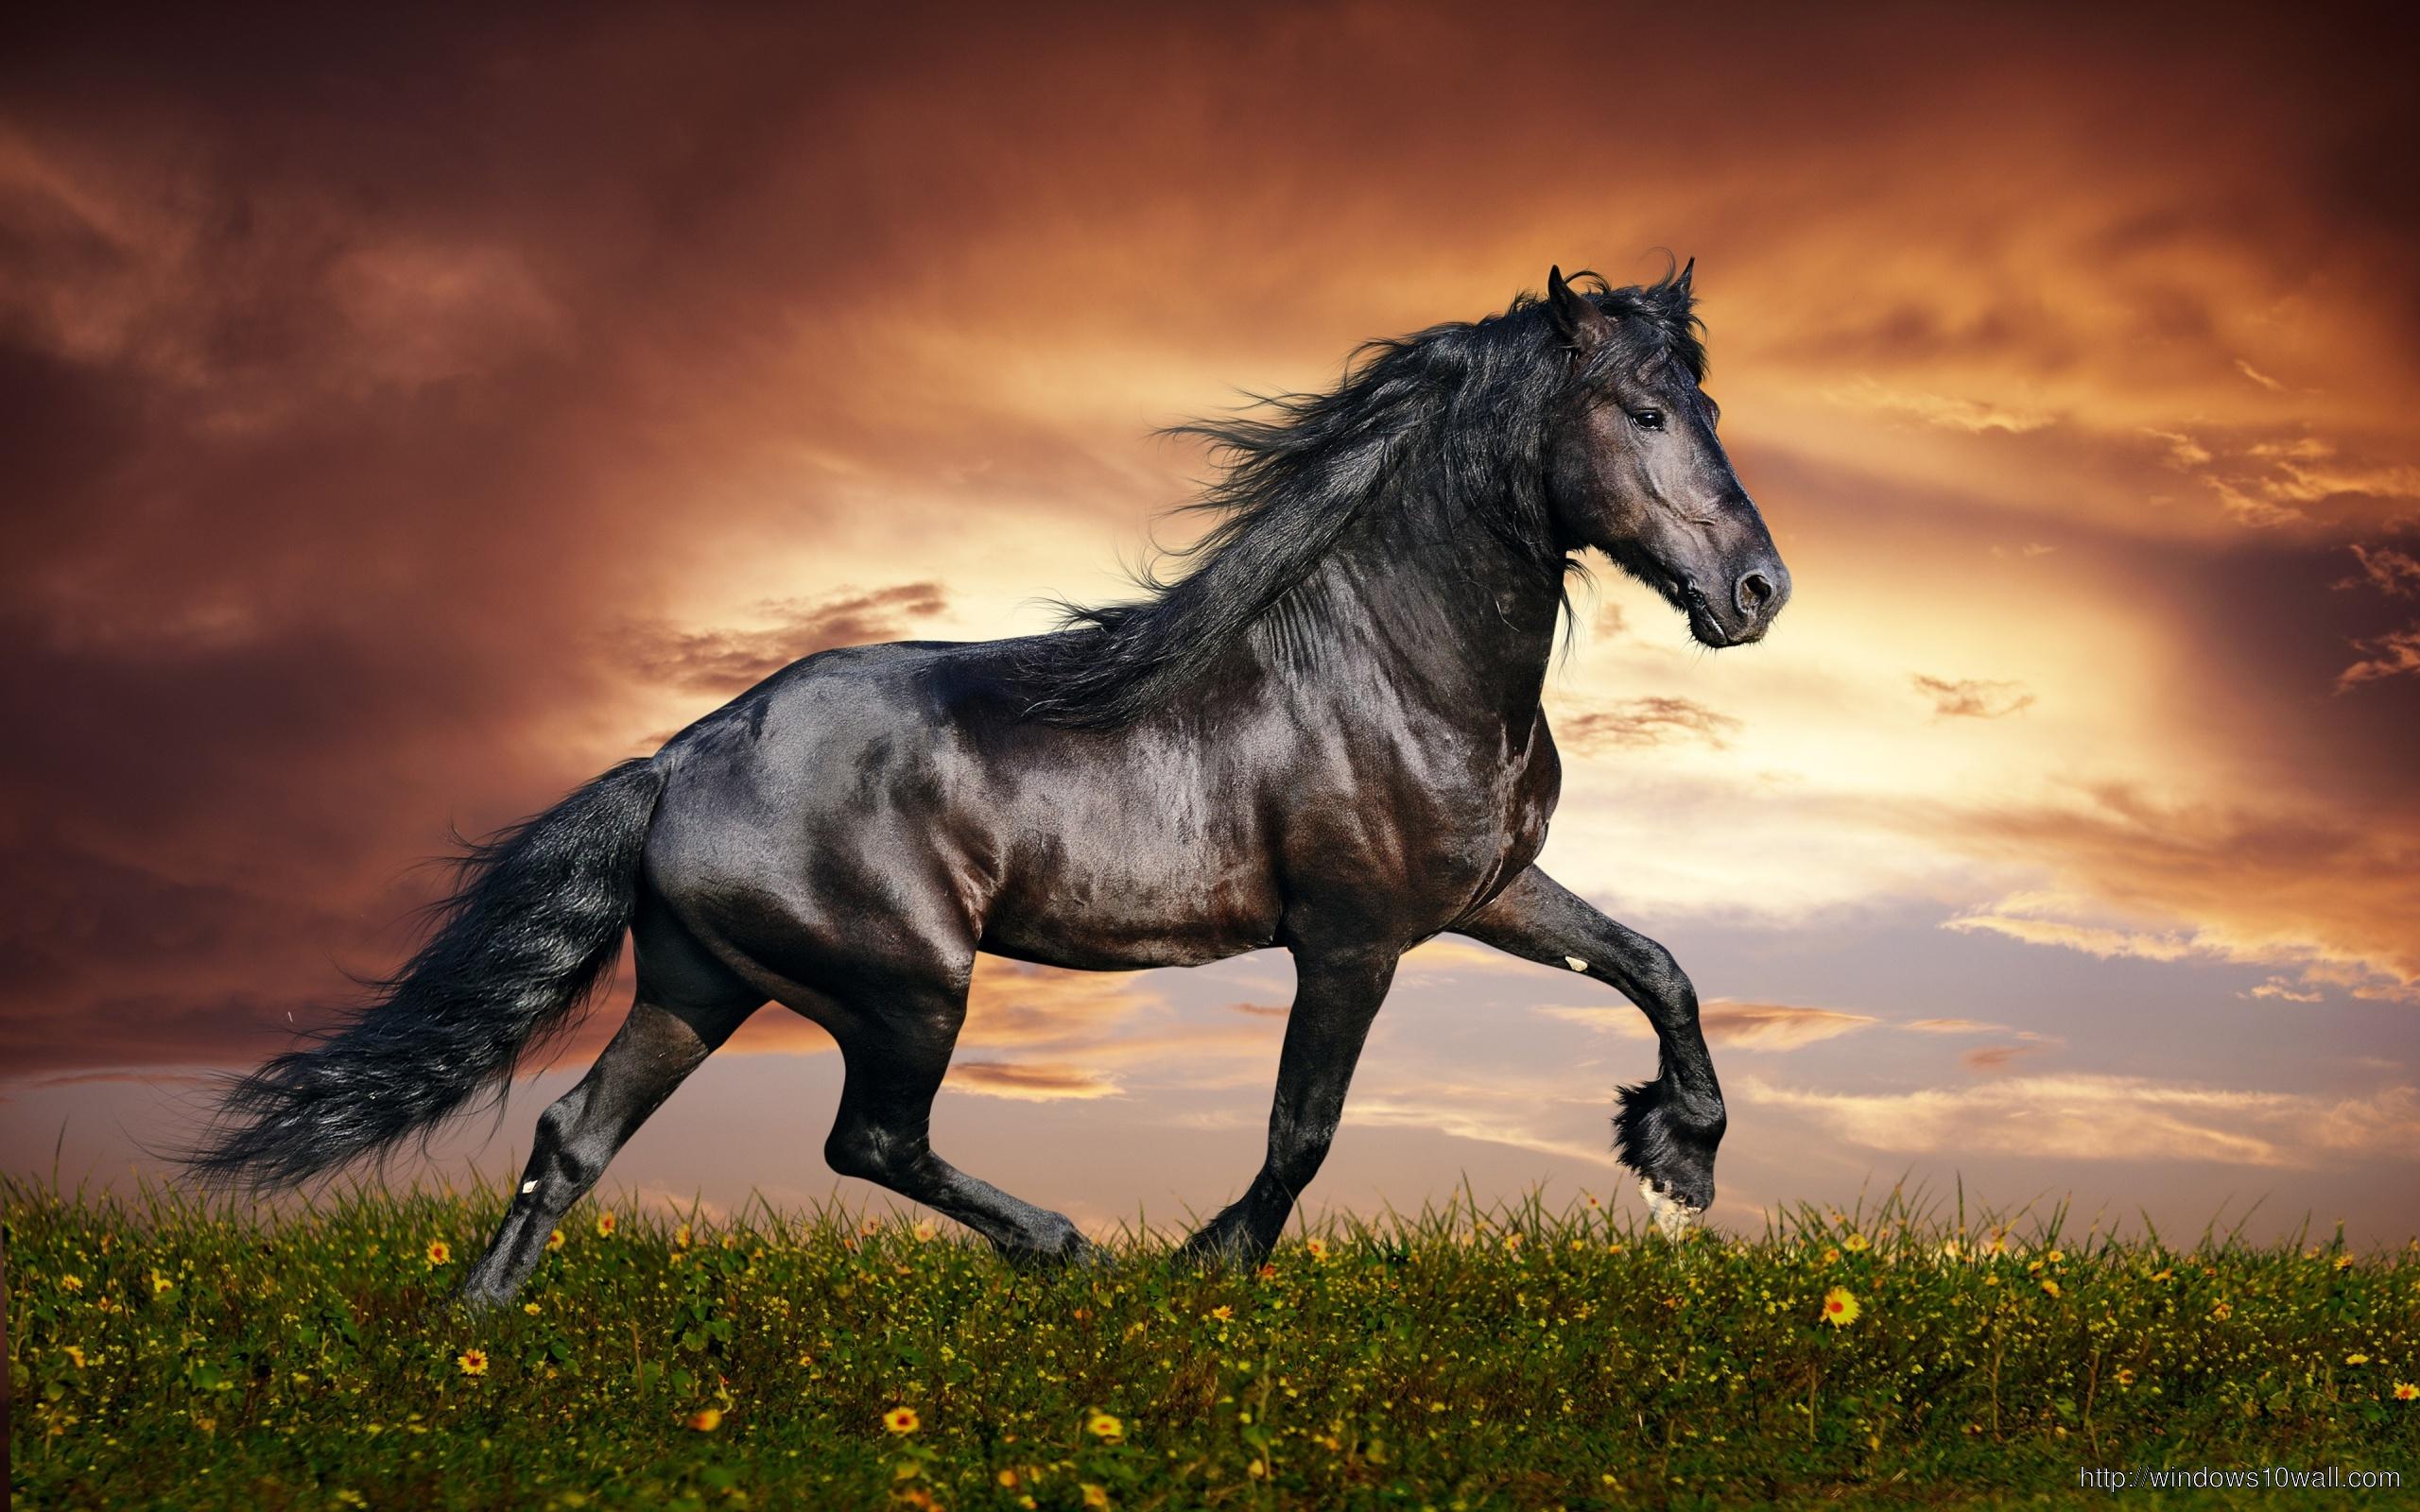 Beautiful Dark Arabian Horse Hd Wallpaper Windows 10 Wallpapers